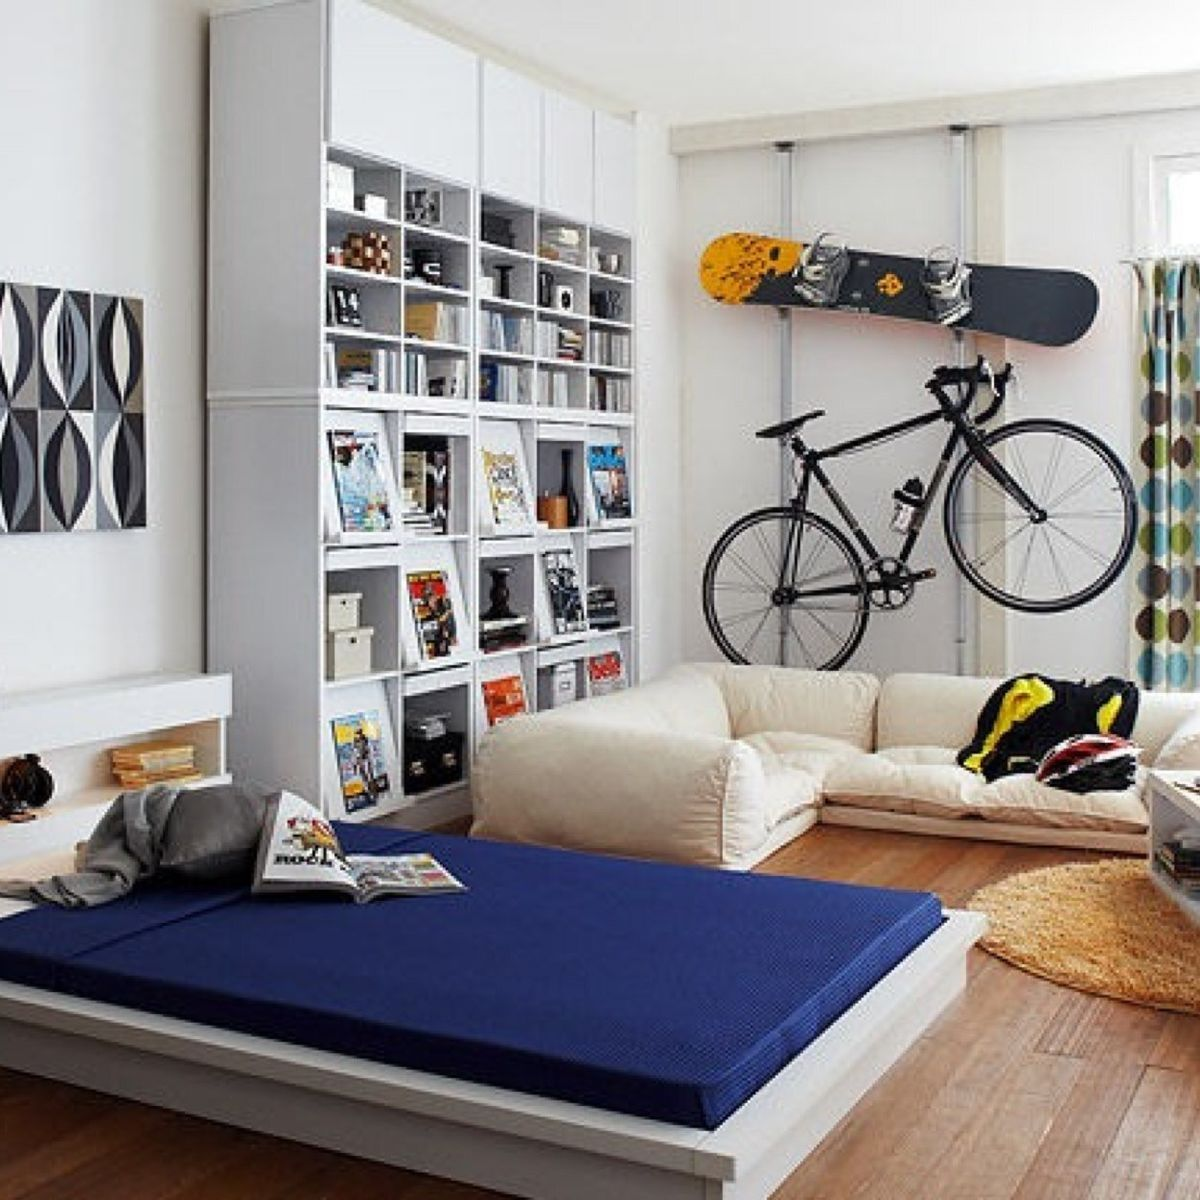 趣味をインテリアとしてデザインした部屋